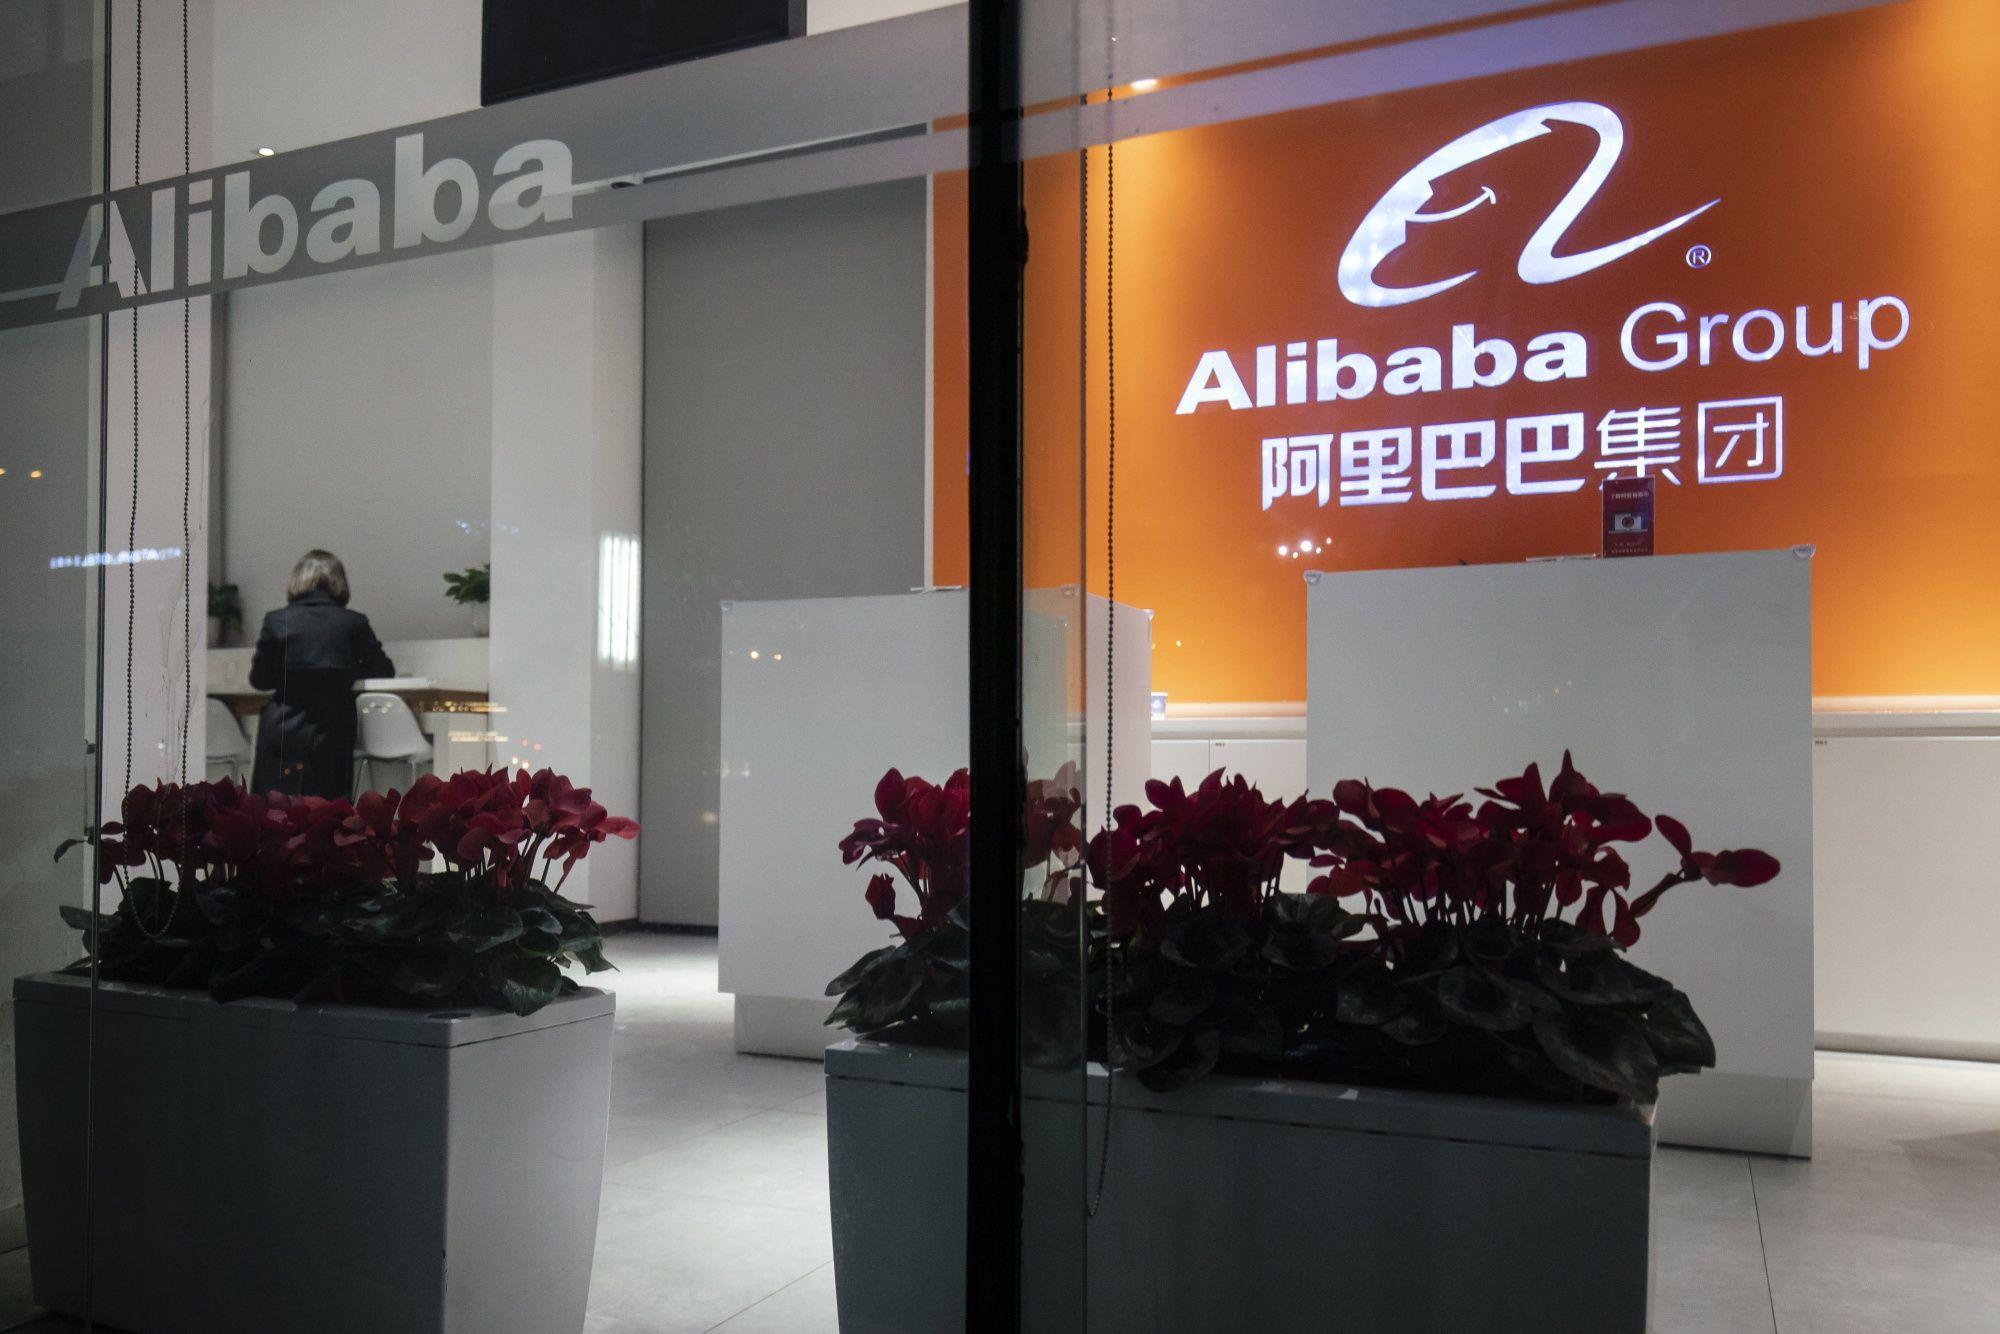 Alibaba vẫn đang là mục tiêu siết kiểm soát của Trung Quốc. Ảnh: Bloomberg